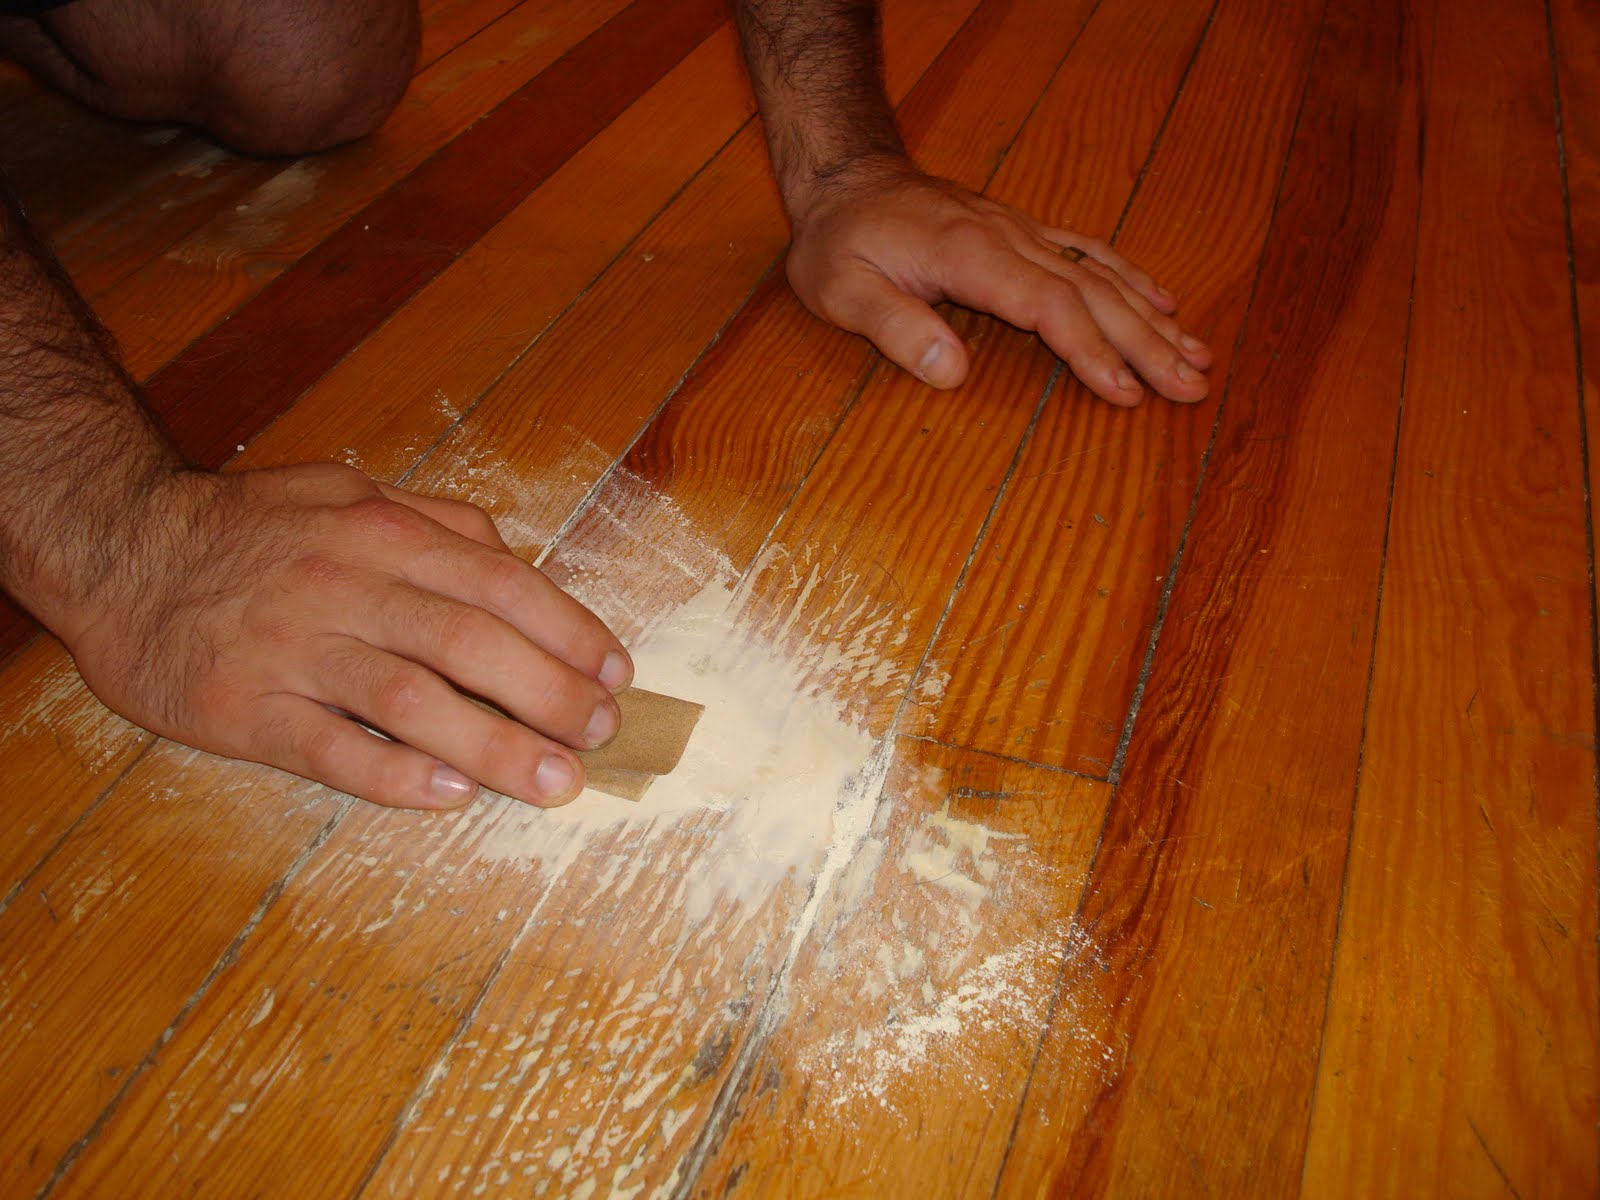 diy painted kitchen floor for 50 hardwood floor in kitchen DIY Painted Kitchen Floor for 50